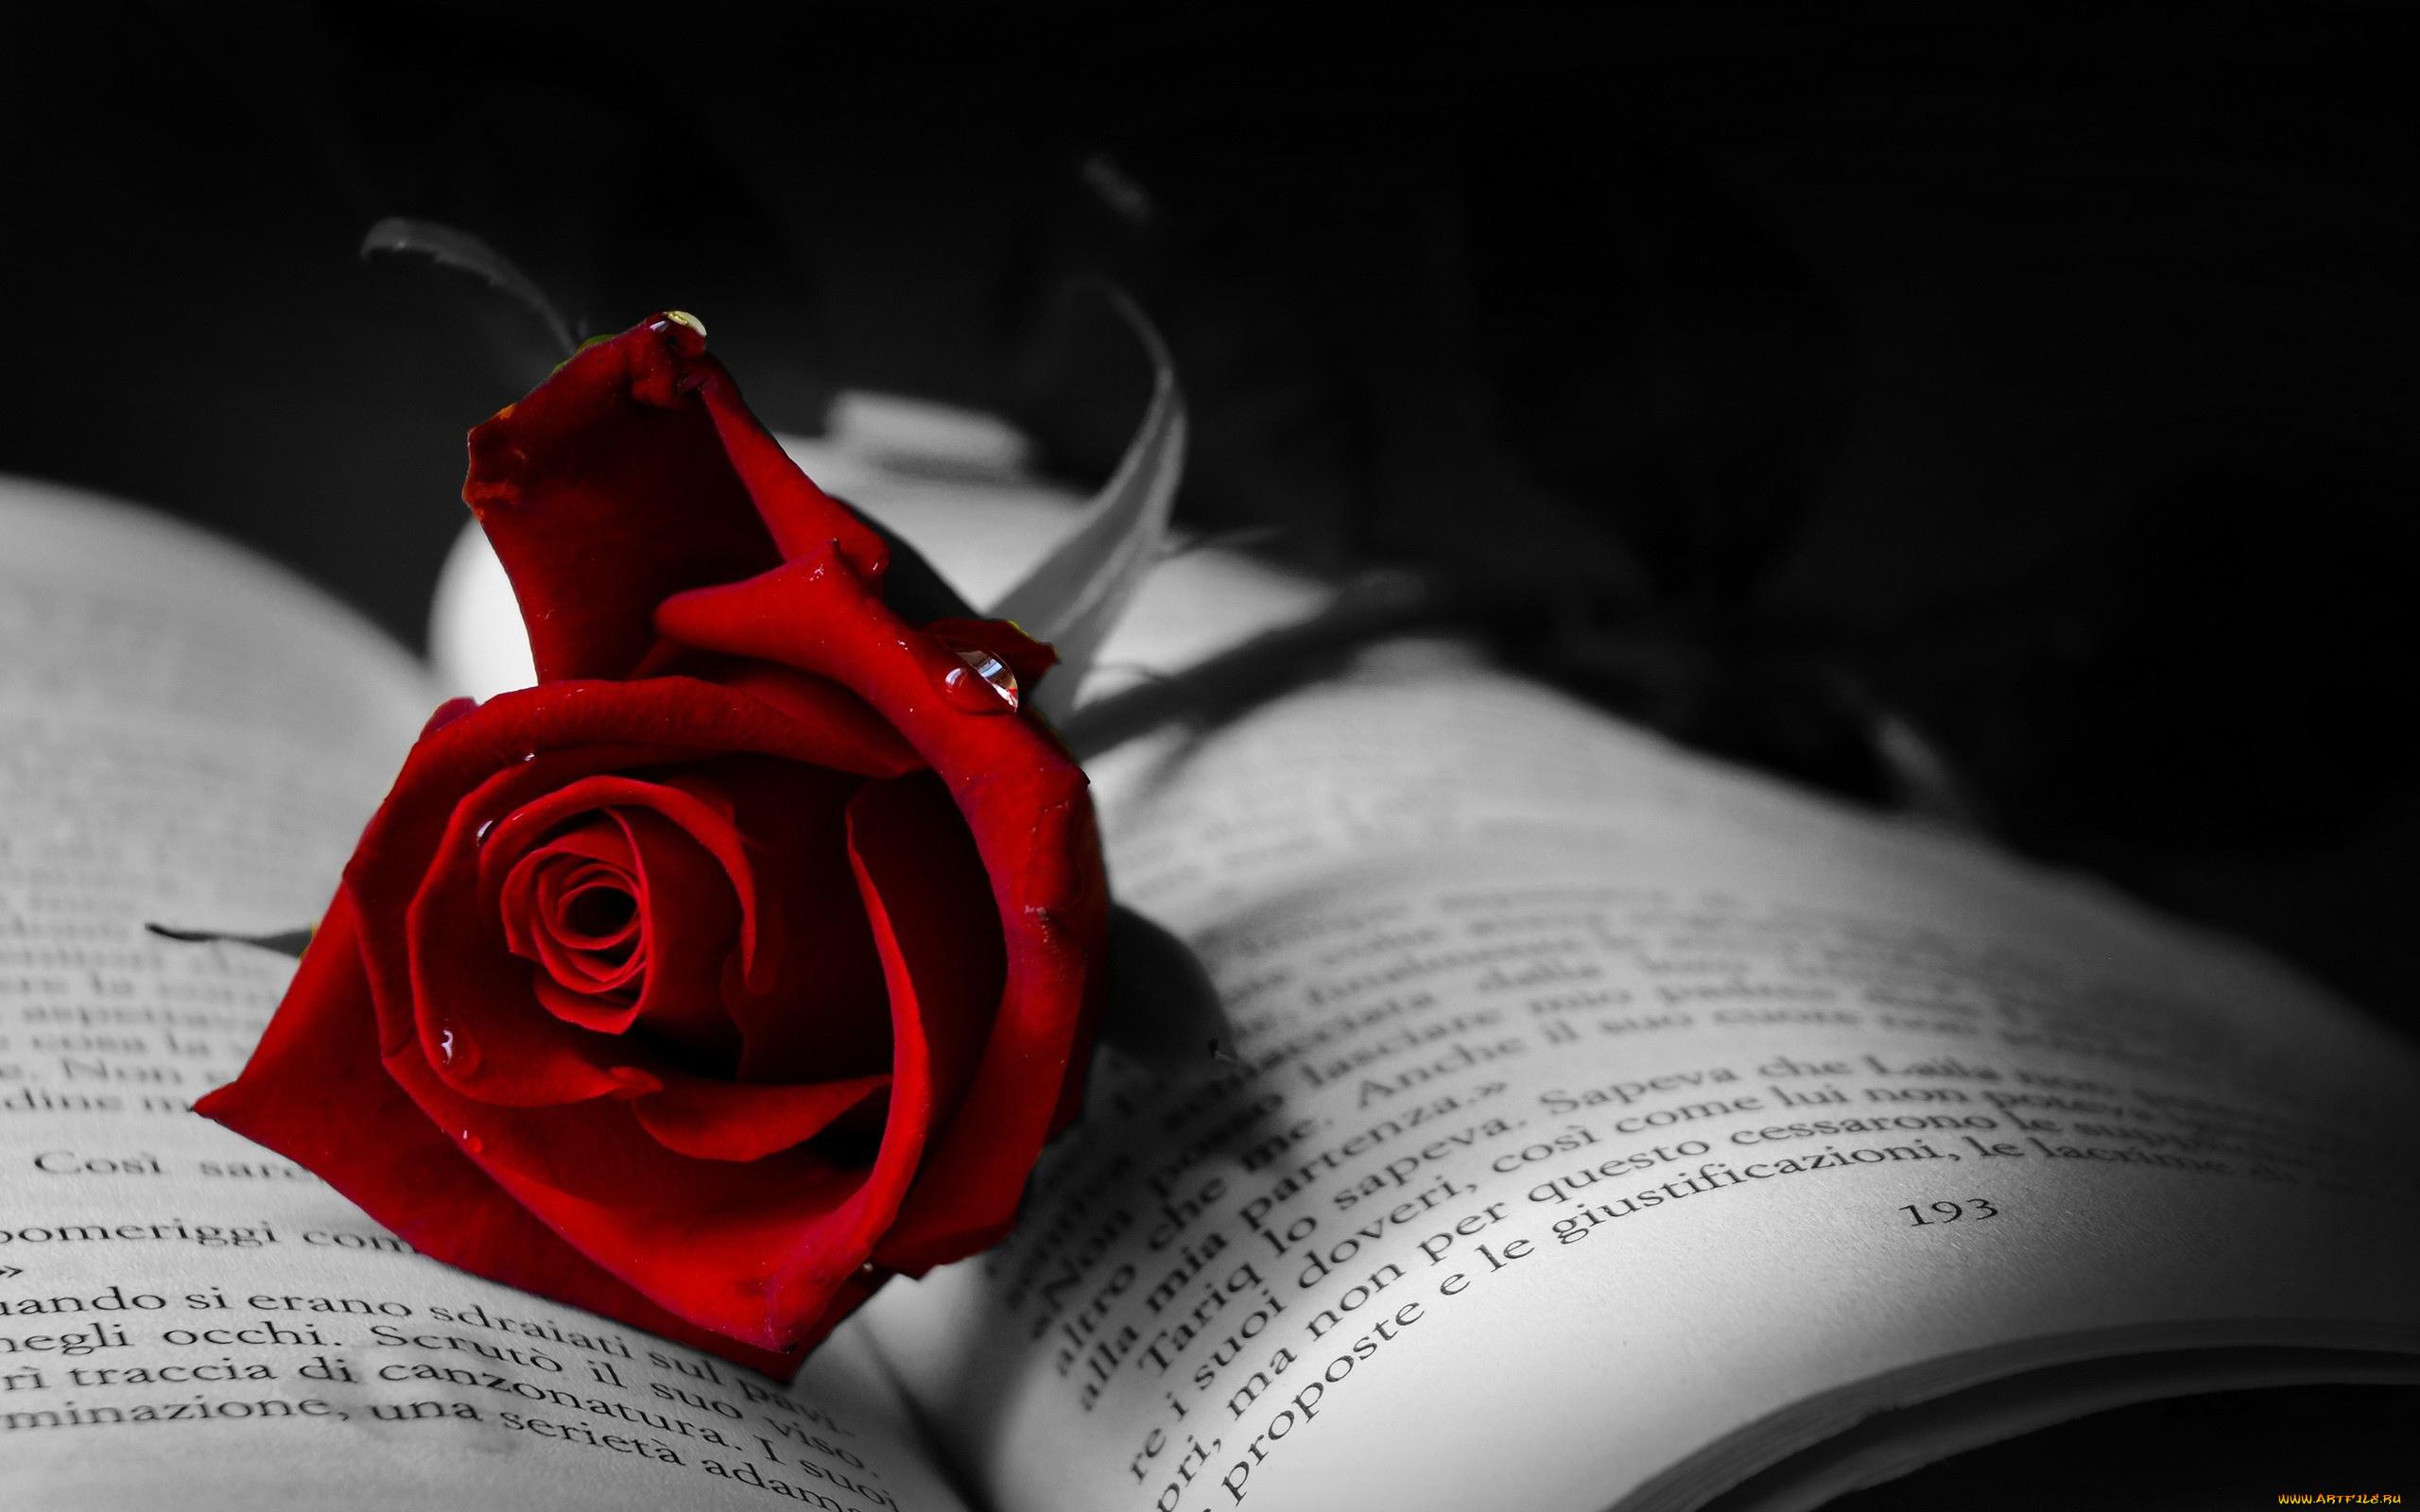 любовь цветок роза книга загрузить